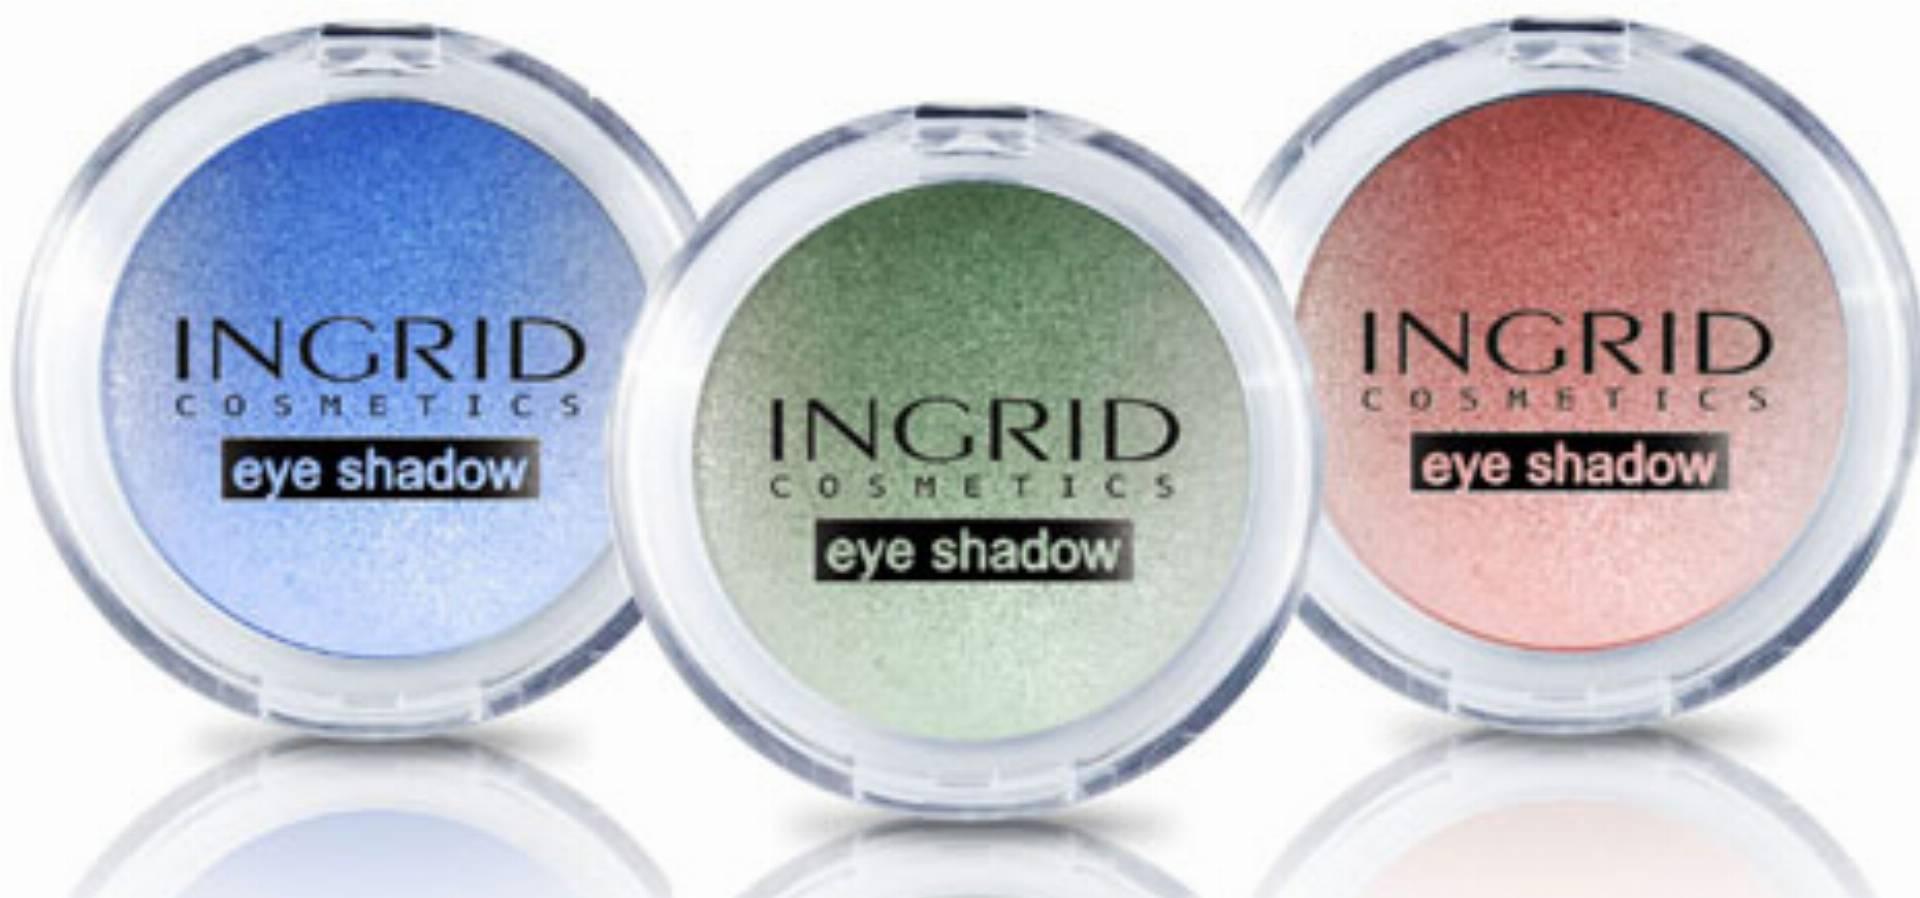 Ingrid Cosmetics karnawal 2014